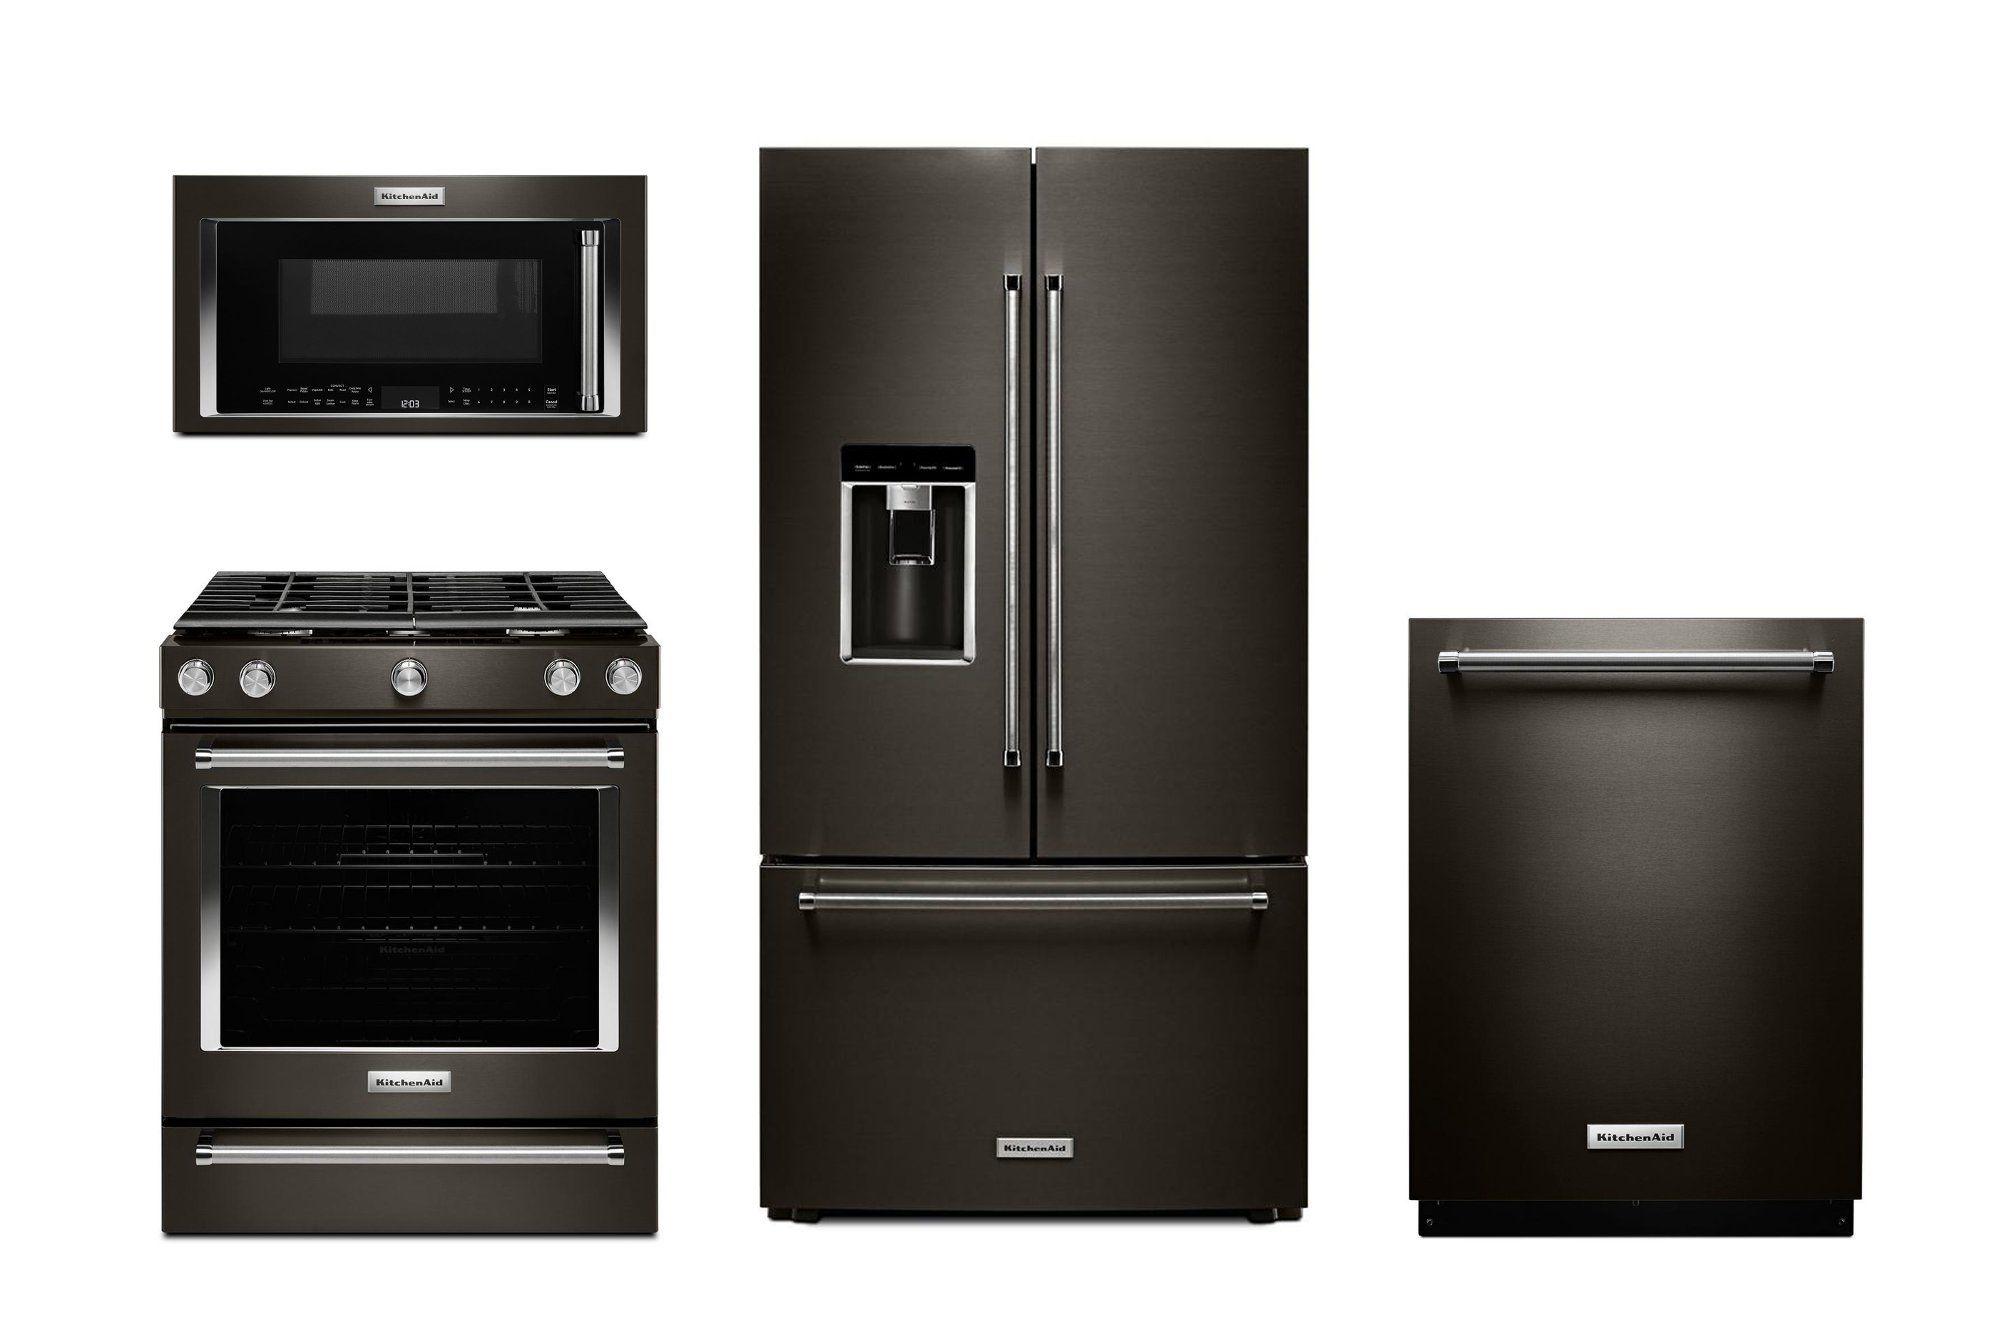 Kitchenaid 4 Piece Kitchen Appliance Package With Gas Range